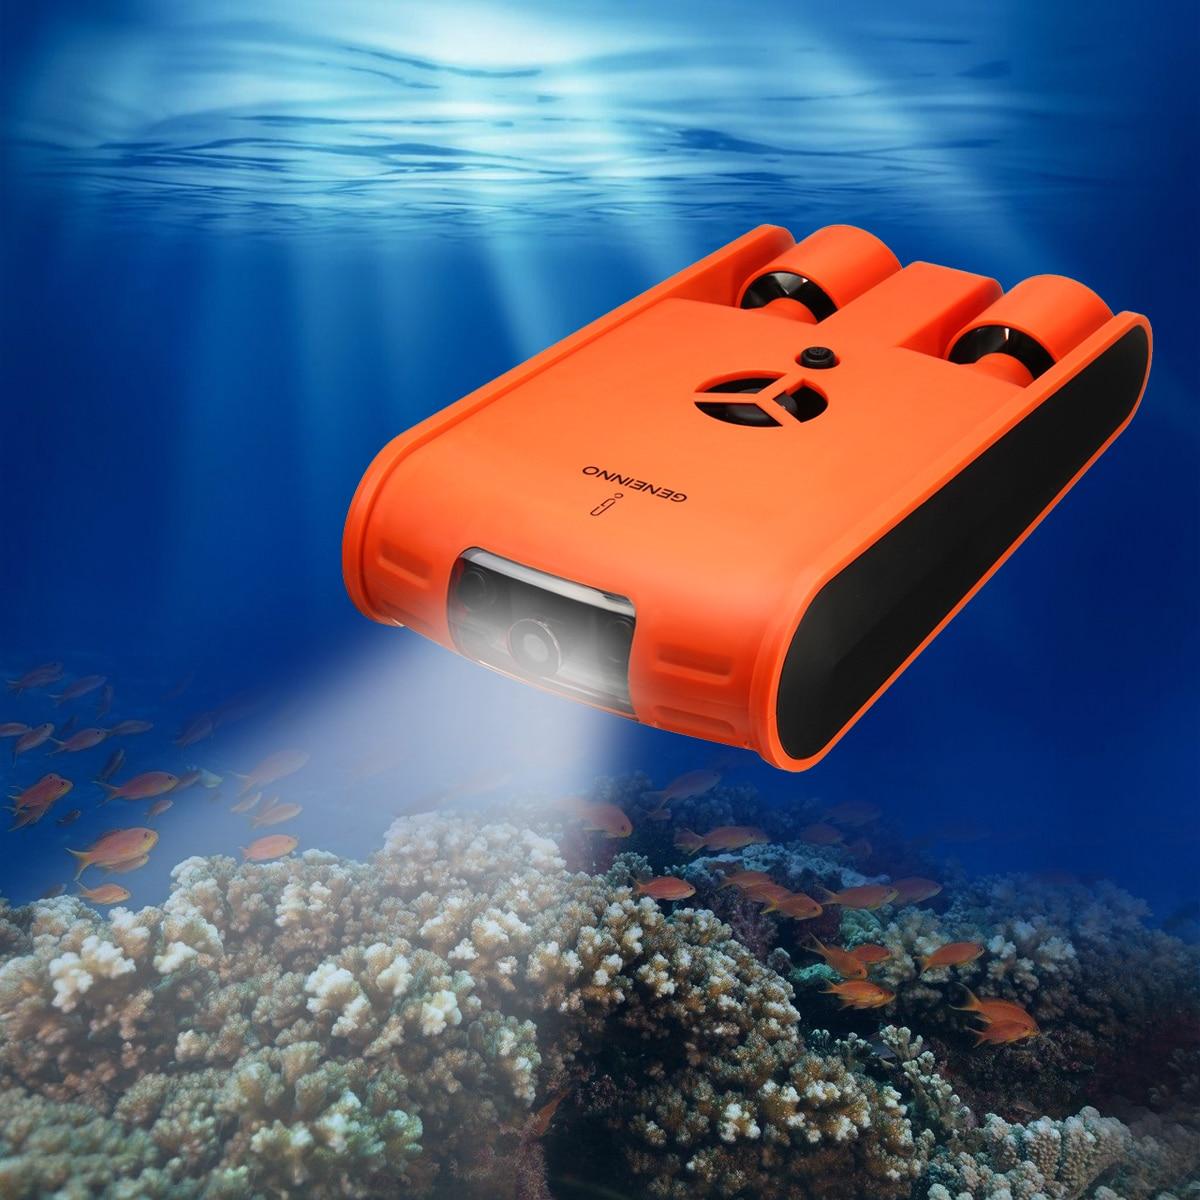 1 компл.. 1080P HD м 100 м Пульт дистанционного управления подводный Дрон камера подводное Обнаружение 32 г подводная камера комплект